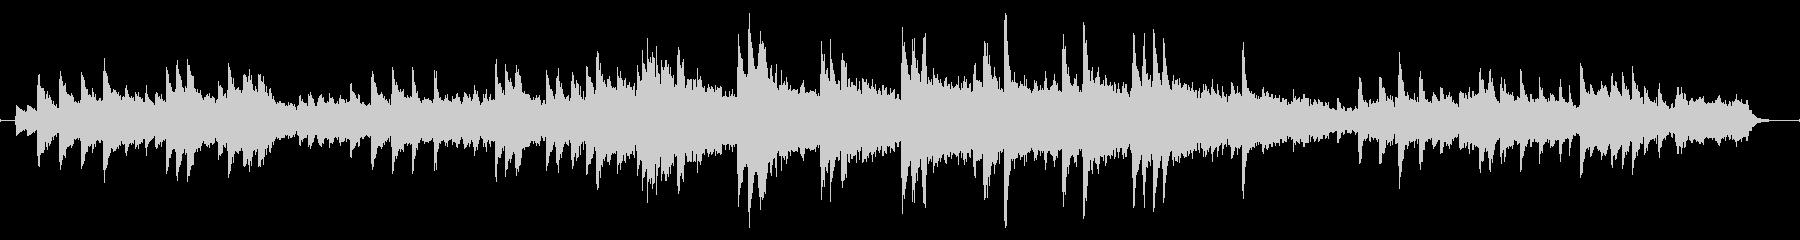 冬っぽいピアノのバラードの未再生の波形